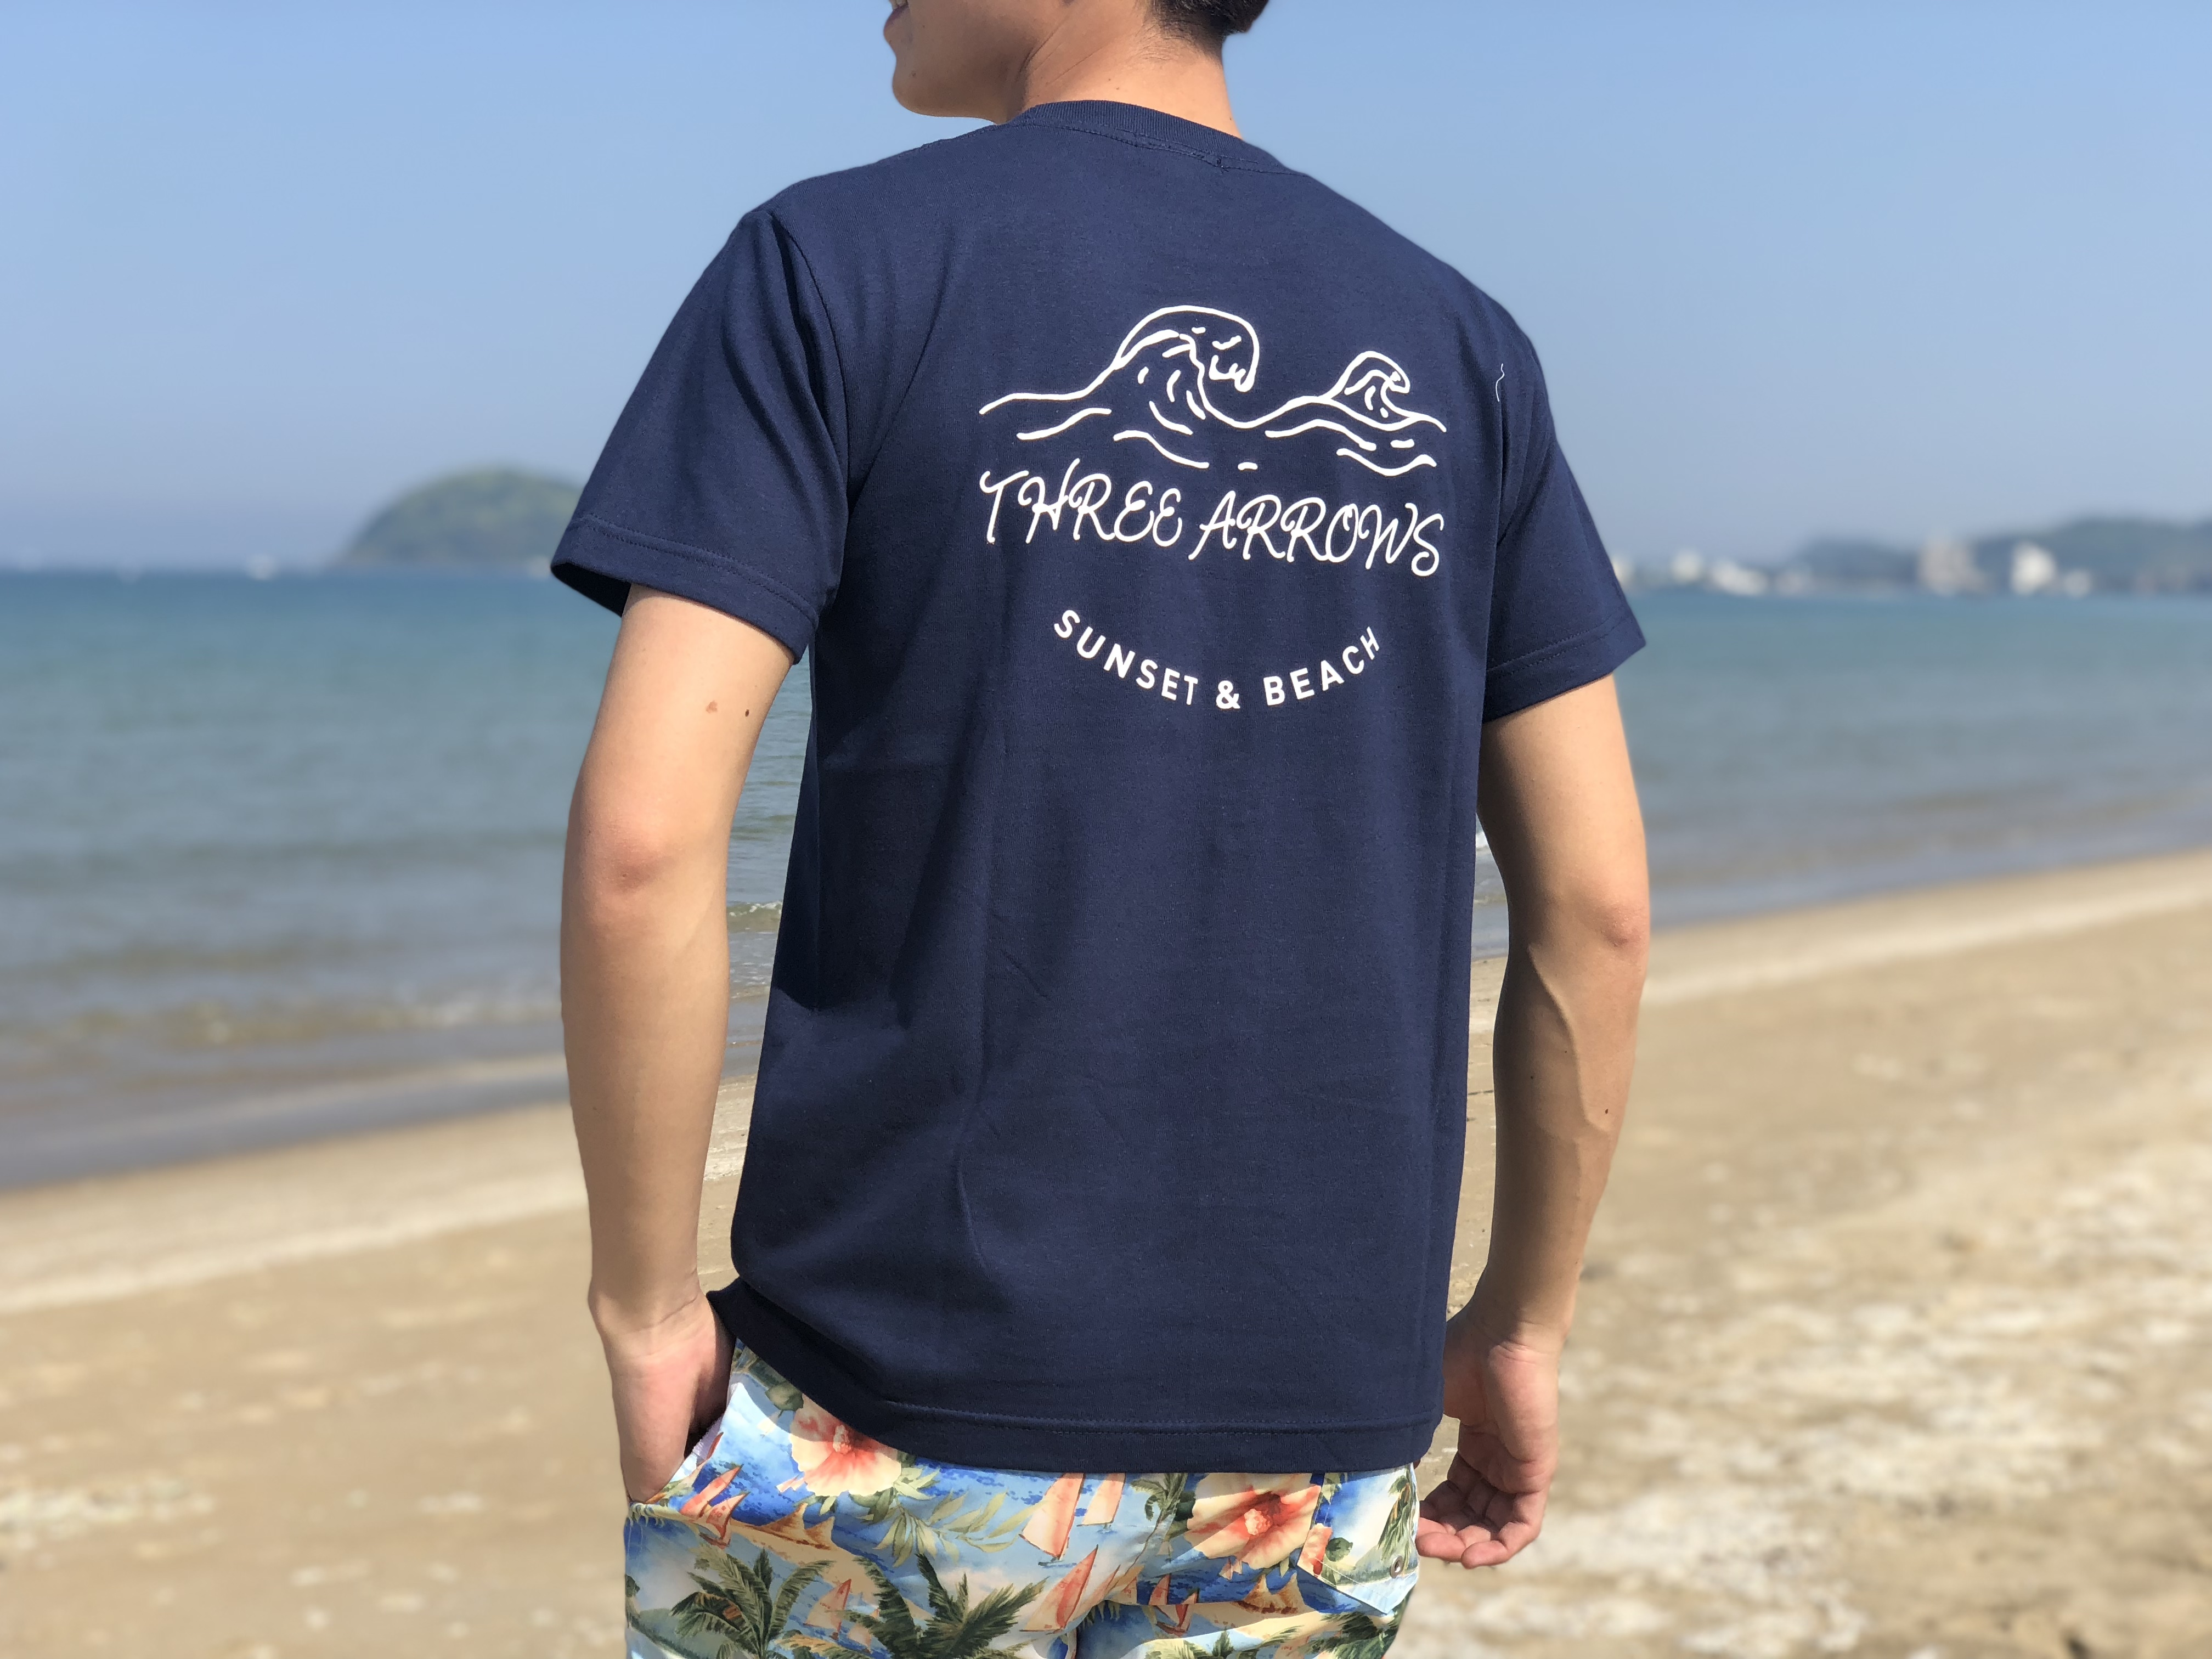 【5/15 21:00販売開始】SUNSET & BEACH Tシャツ(navy)